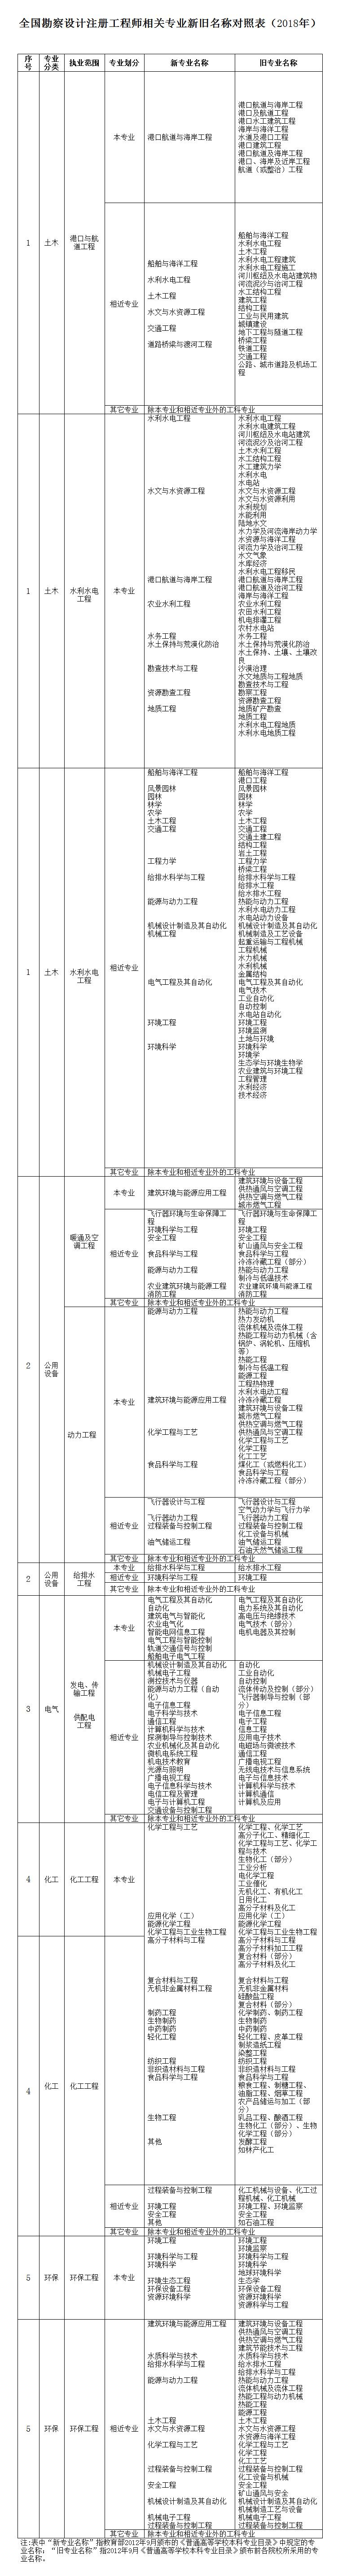 全国勘察设计注册工程师相关专业新旧名称对照表